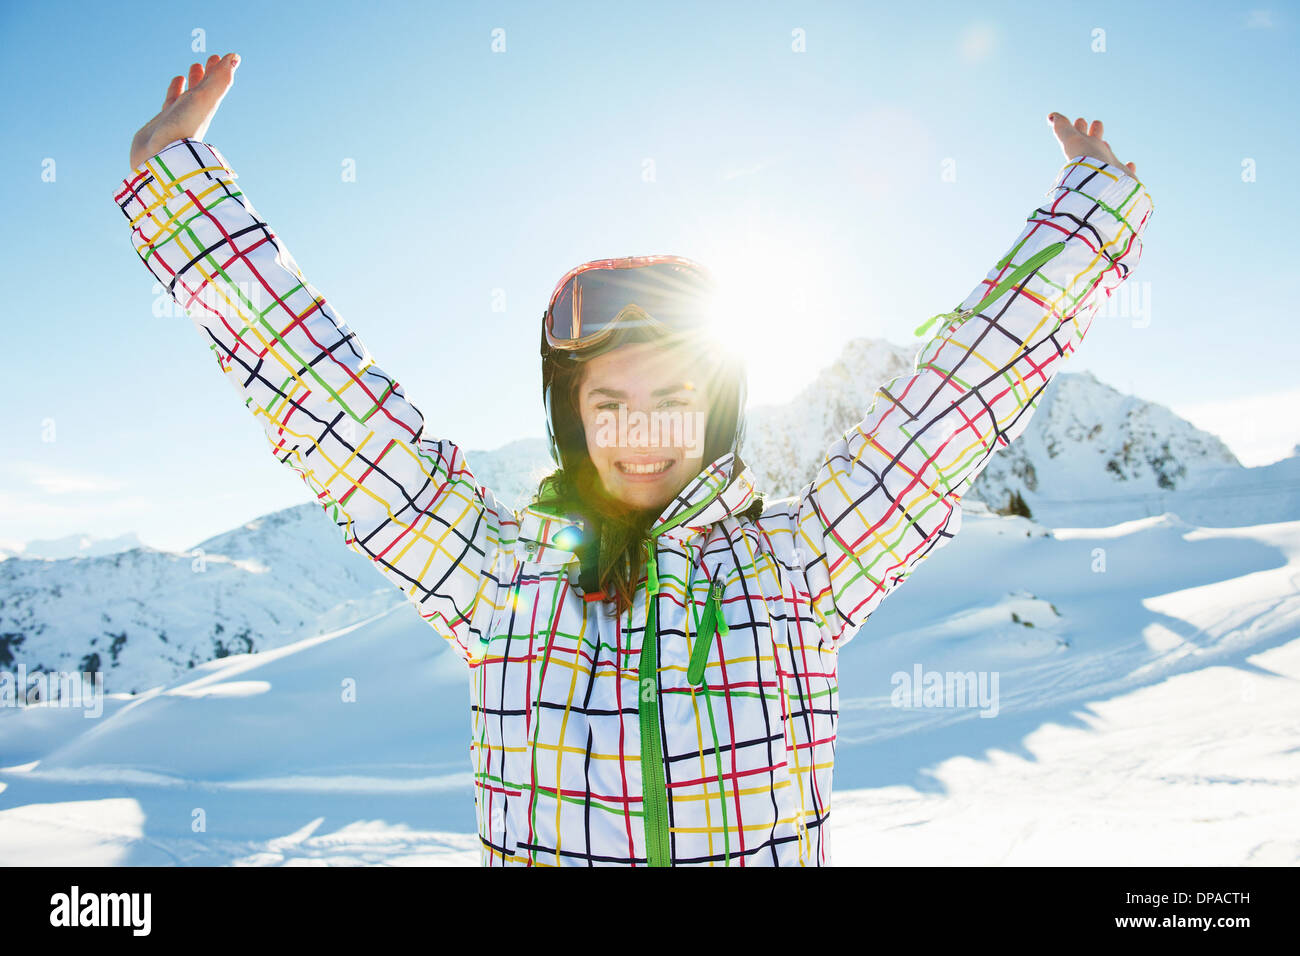 Ritratto di ragazza adolescente sciatore con le braccia aperte, Les Arcs, Alta Savoia, Francia Immagini Stock